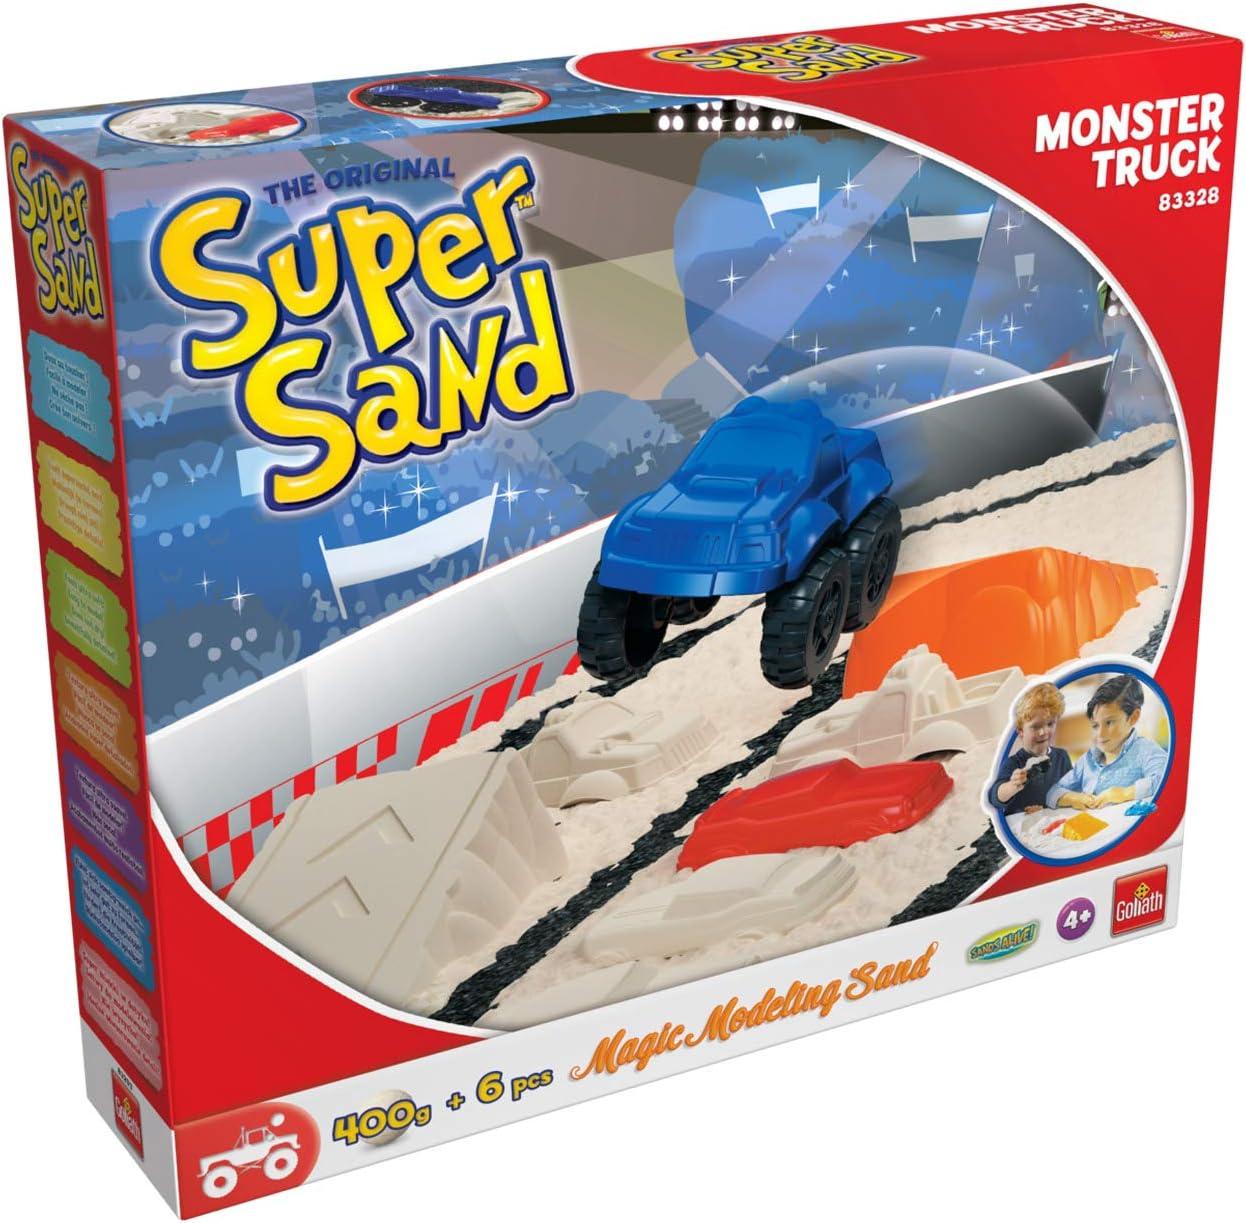 Super Sand-Goliath-Camión de Monstruos Castillos de Arena en la habitación Infantil, Recomendado a Partir de 4 años, Color Blanco 83328: Amazon.es: Juguetes y juegos